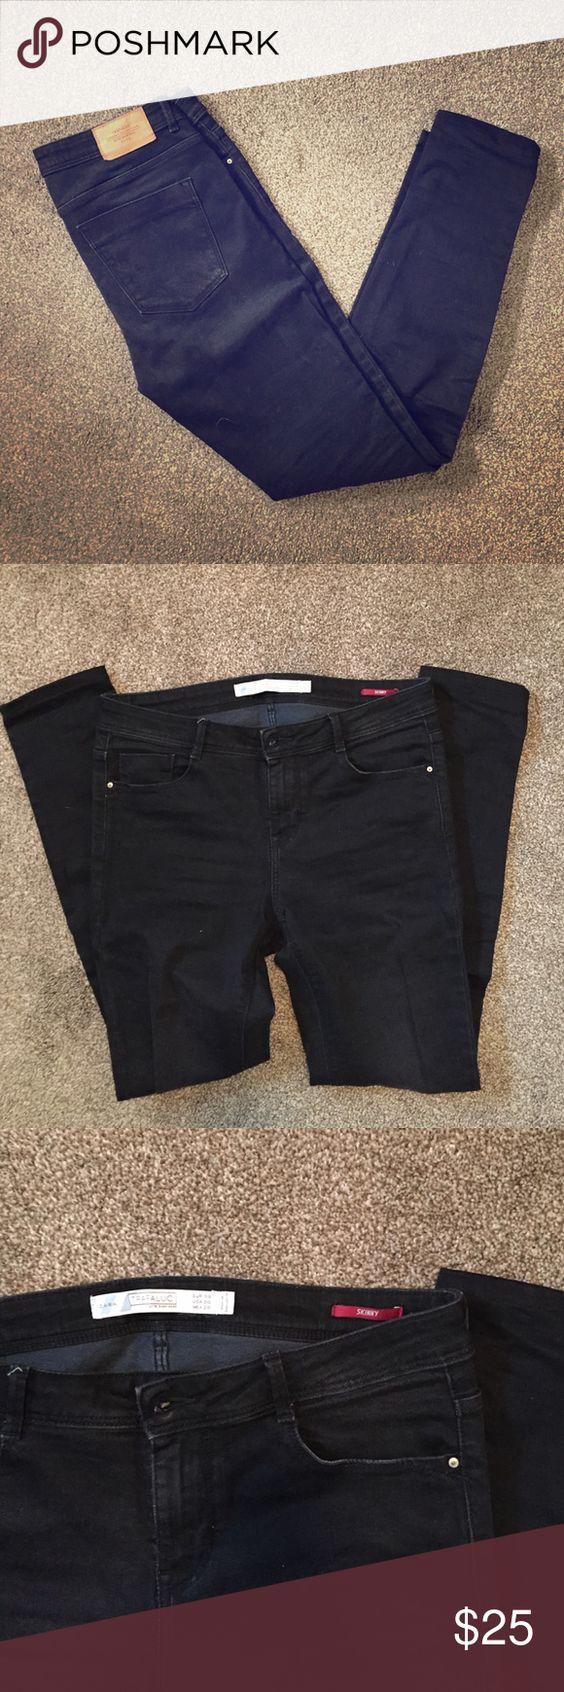 Zara TRF Black Skinny Jeans Size 6